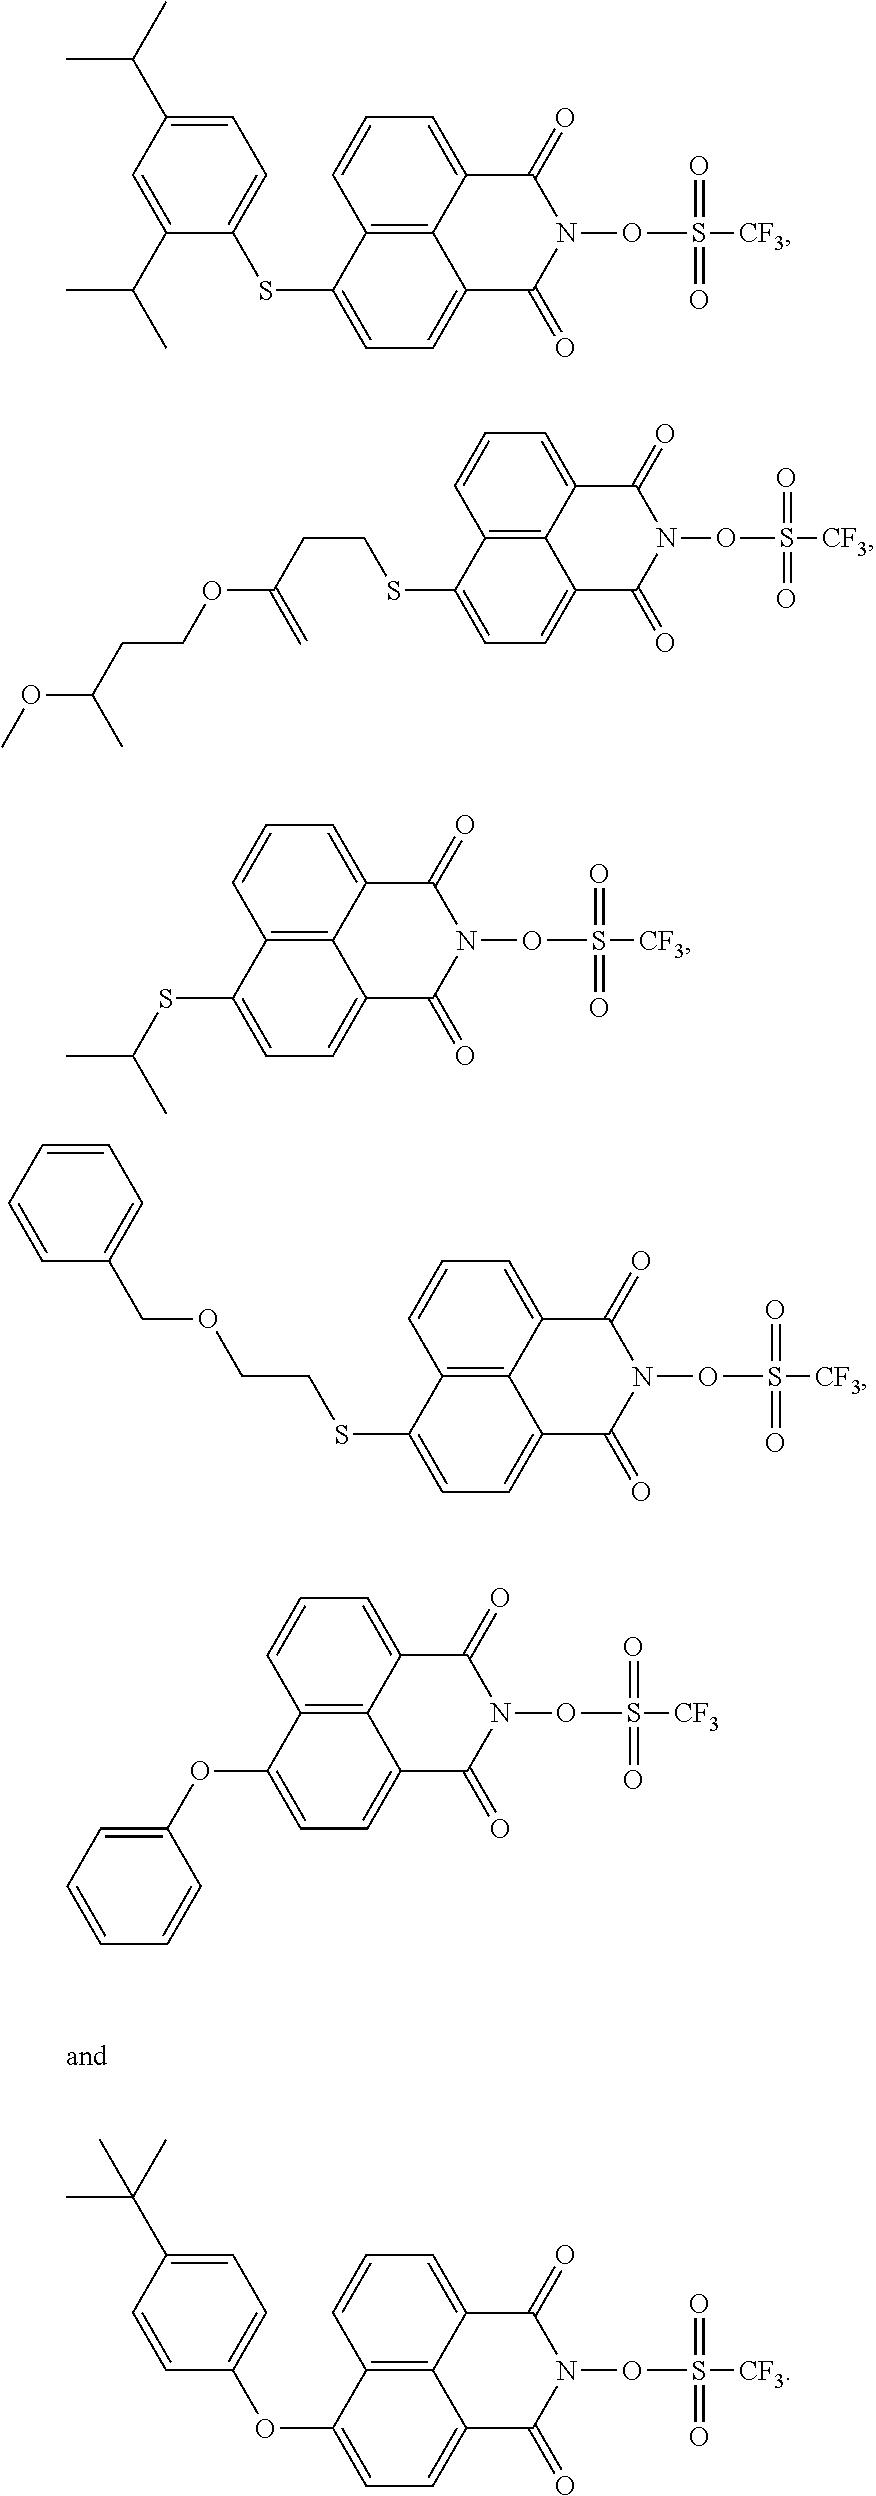 Figure US09383644-20160705-C00090